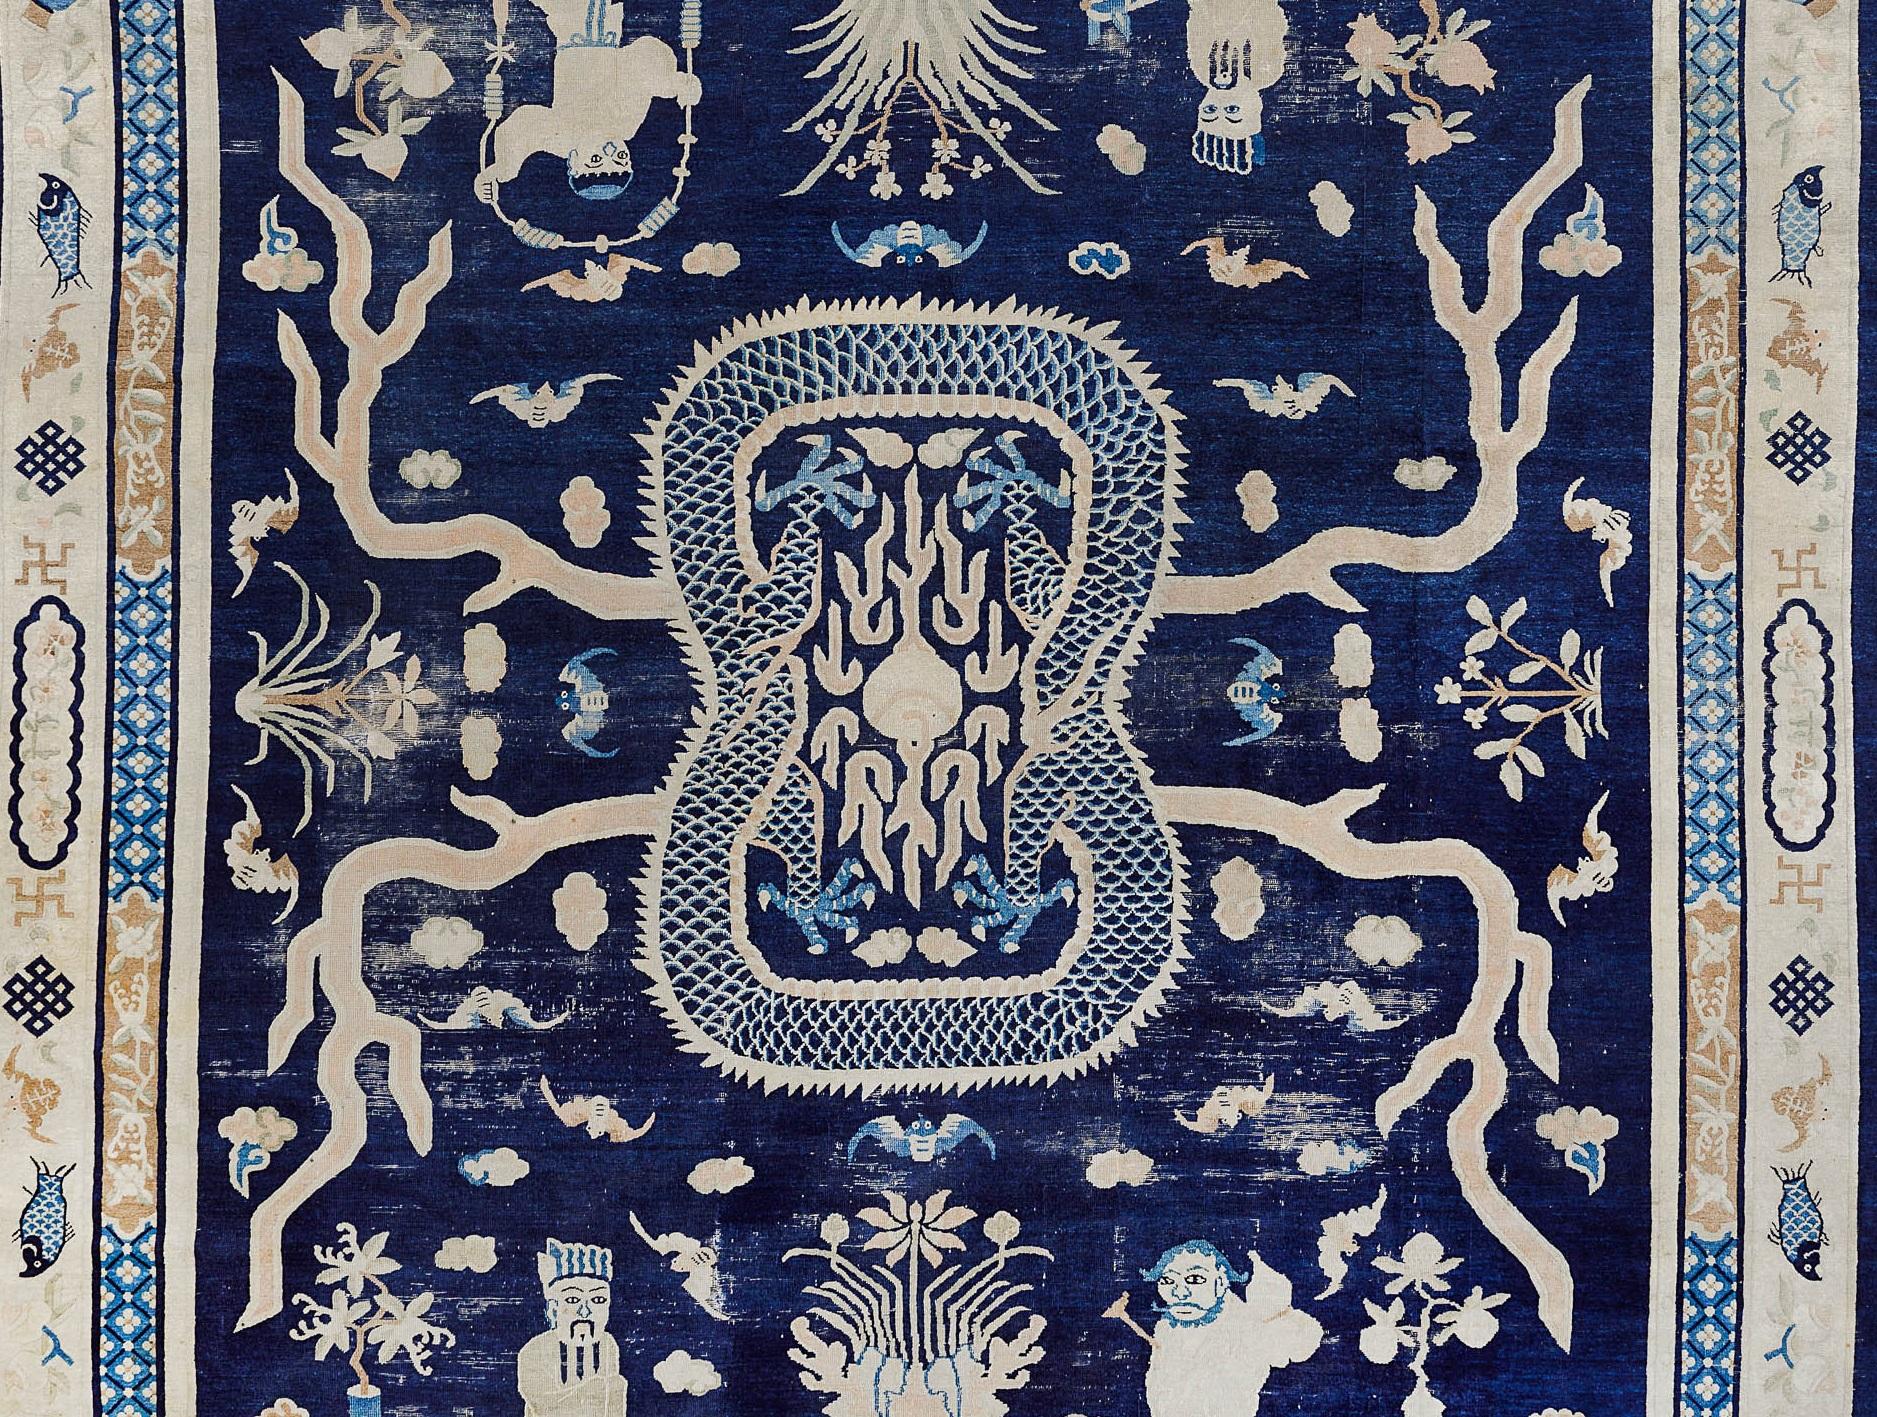 Wannenes porta in asta il fascino immortale del tappeto